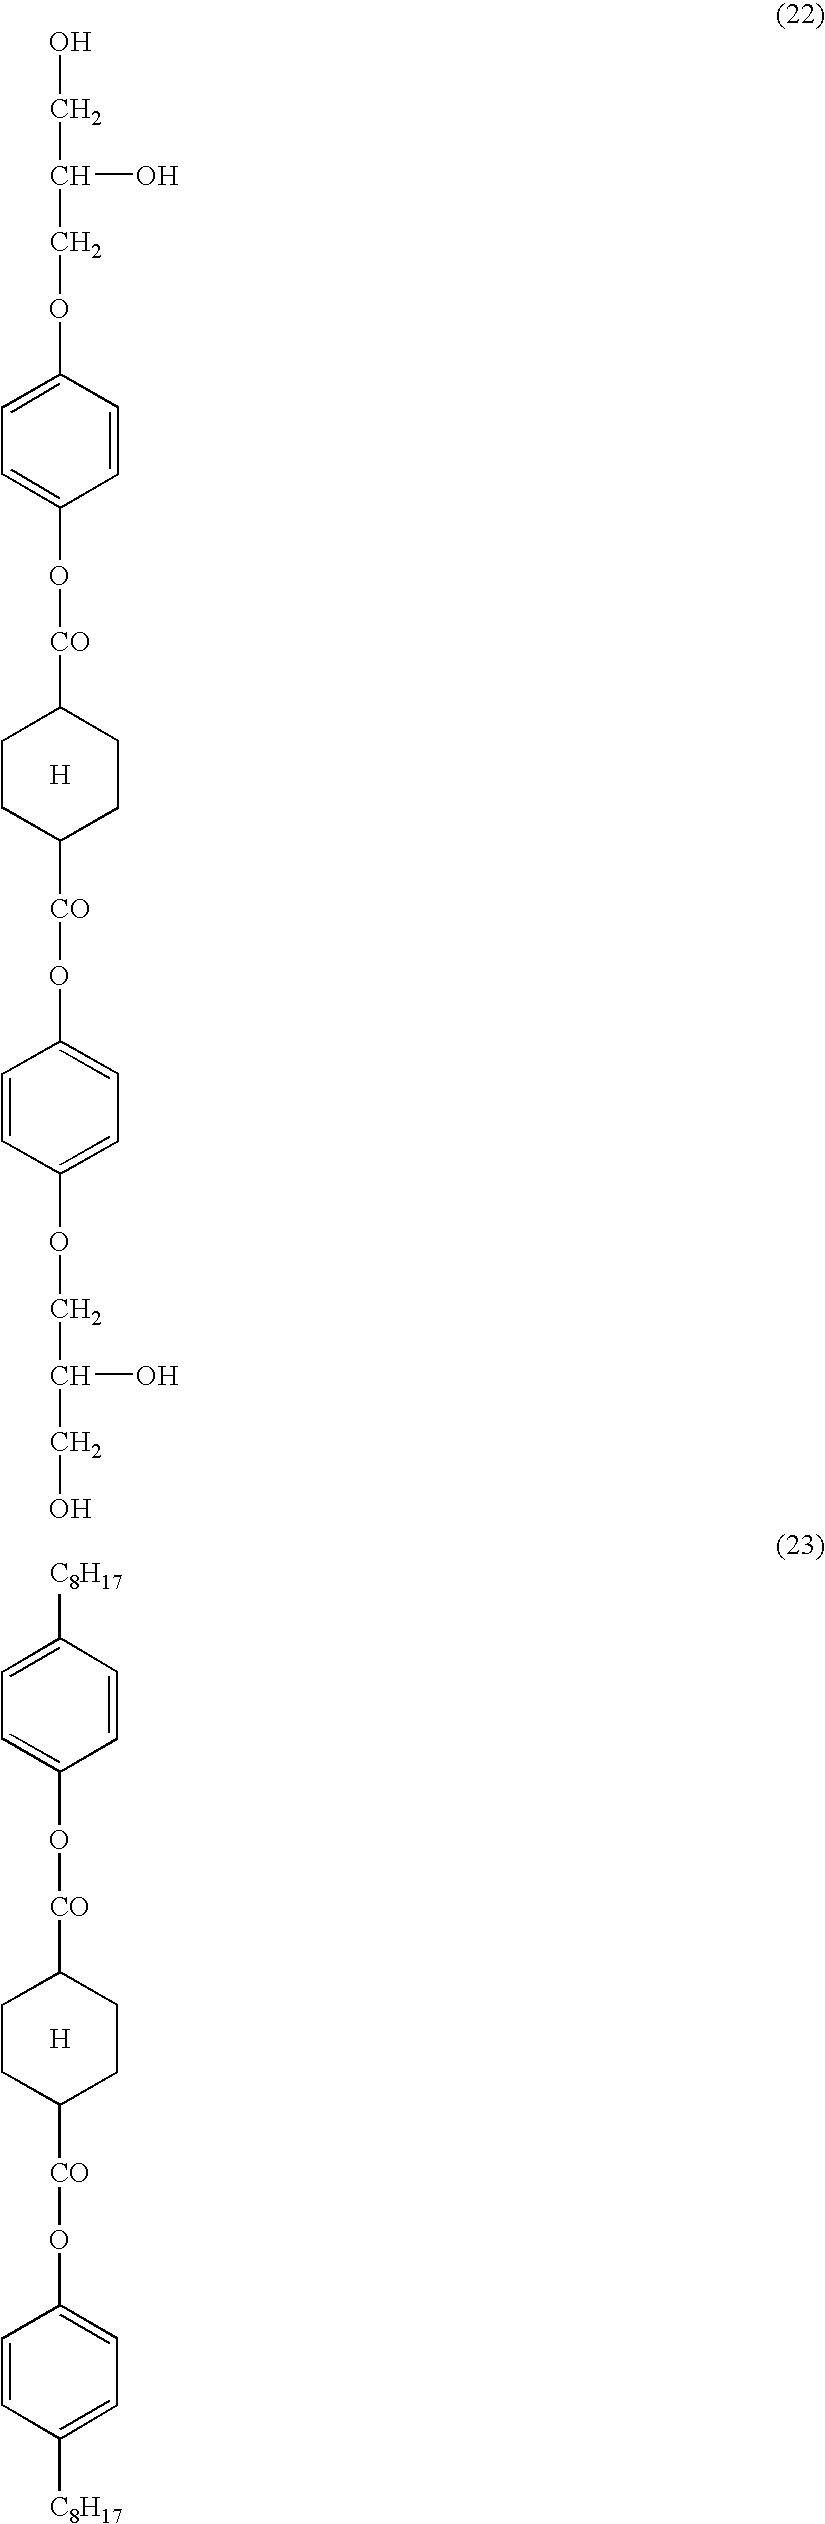 Figure US20090079910A1-20090326-C00011